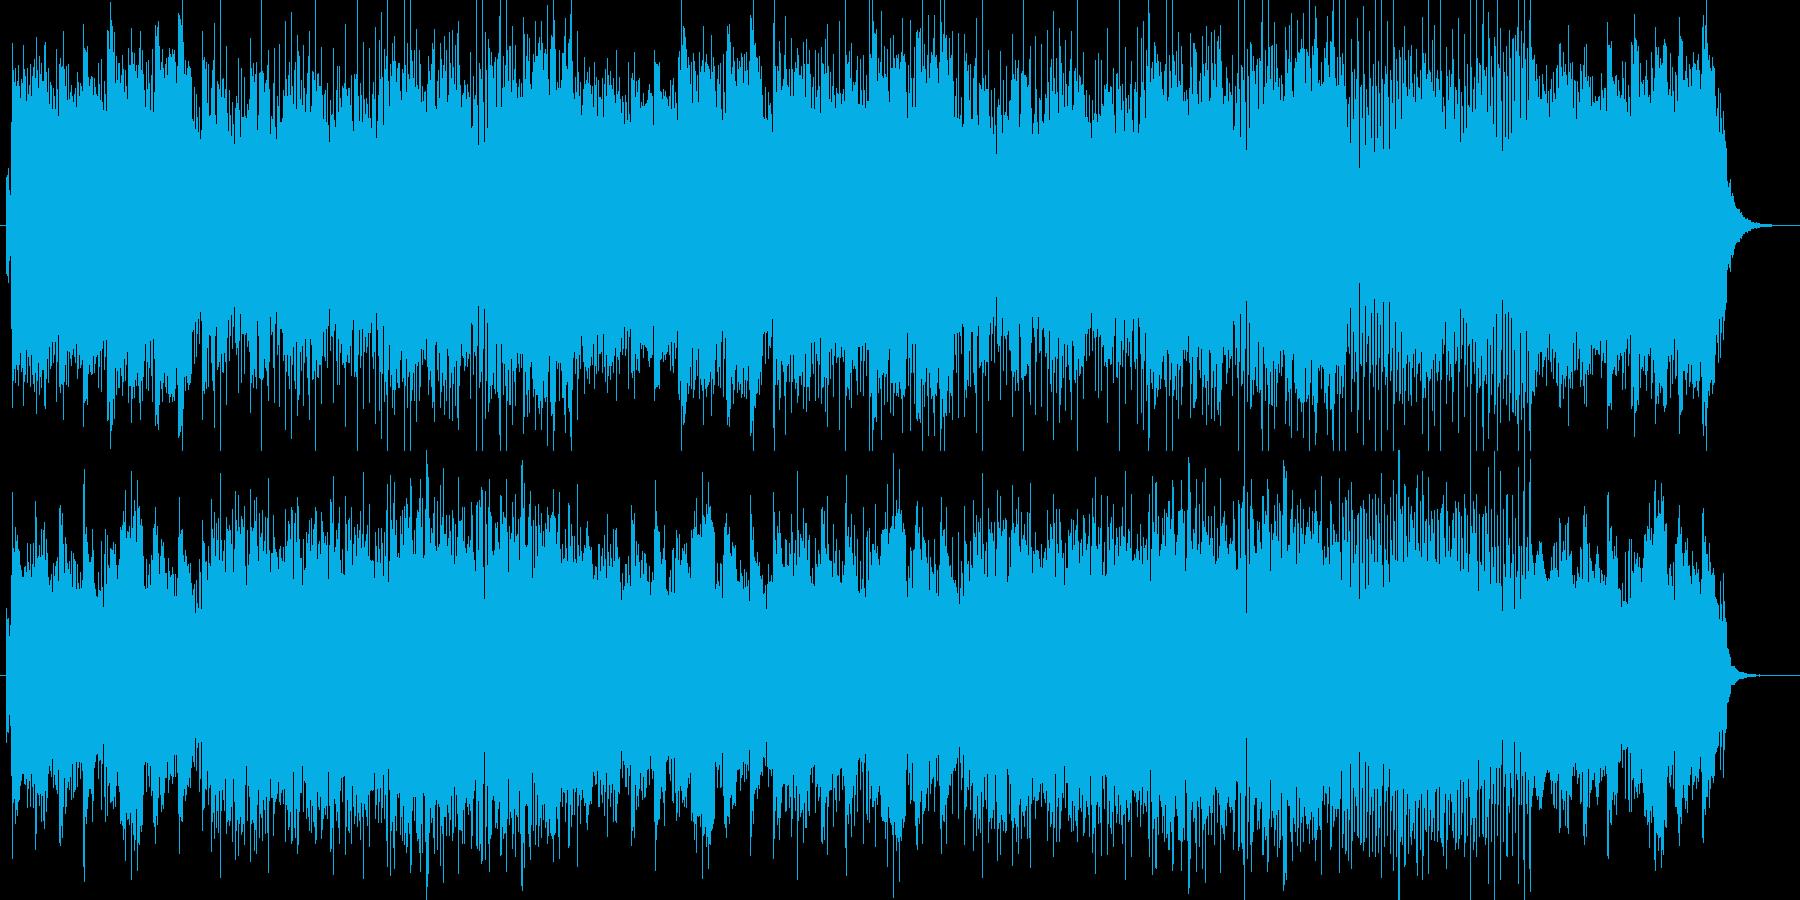 アコースティックで軽快な楽曲の再生済みの波形